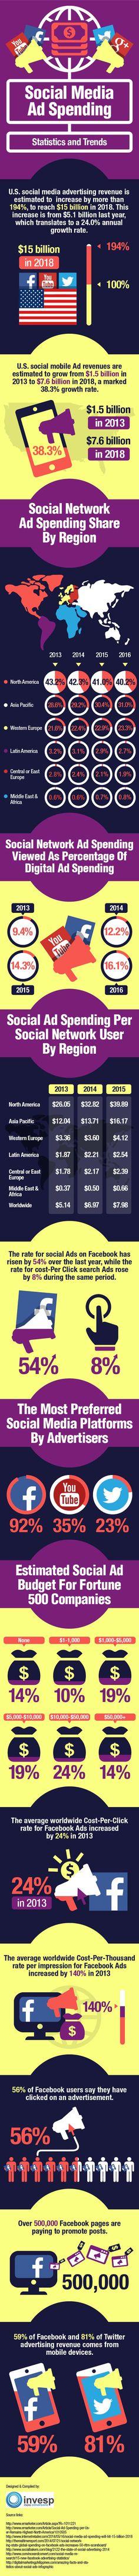 Social media ad spen